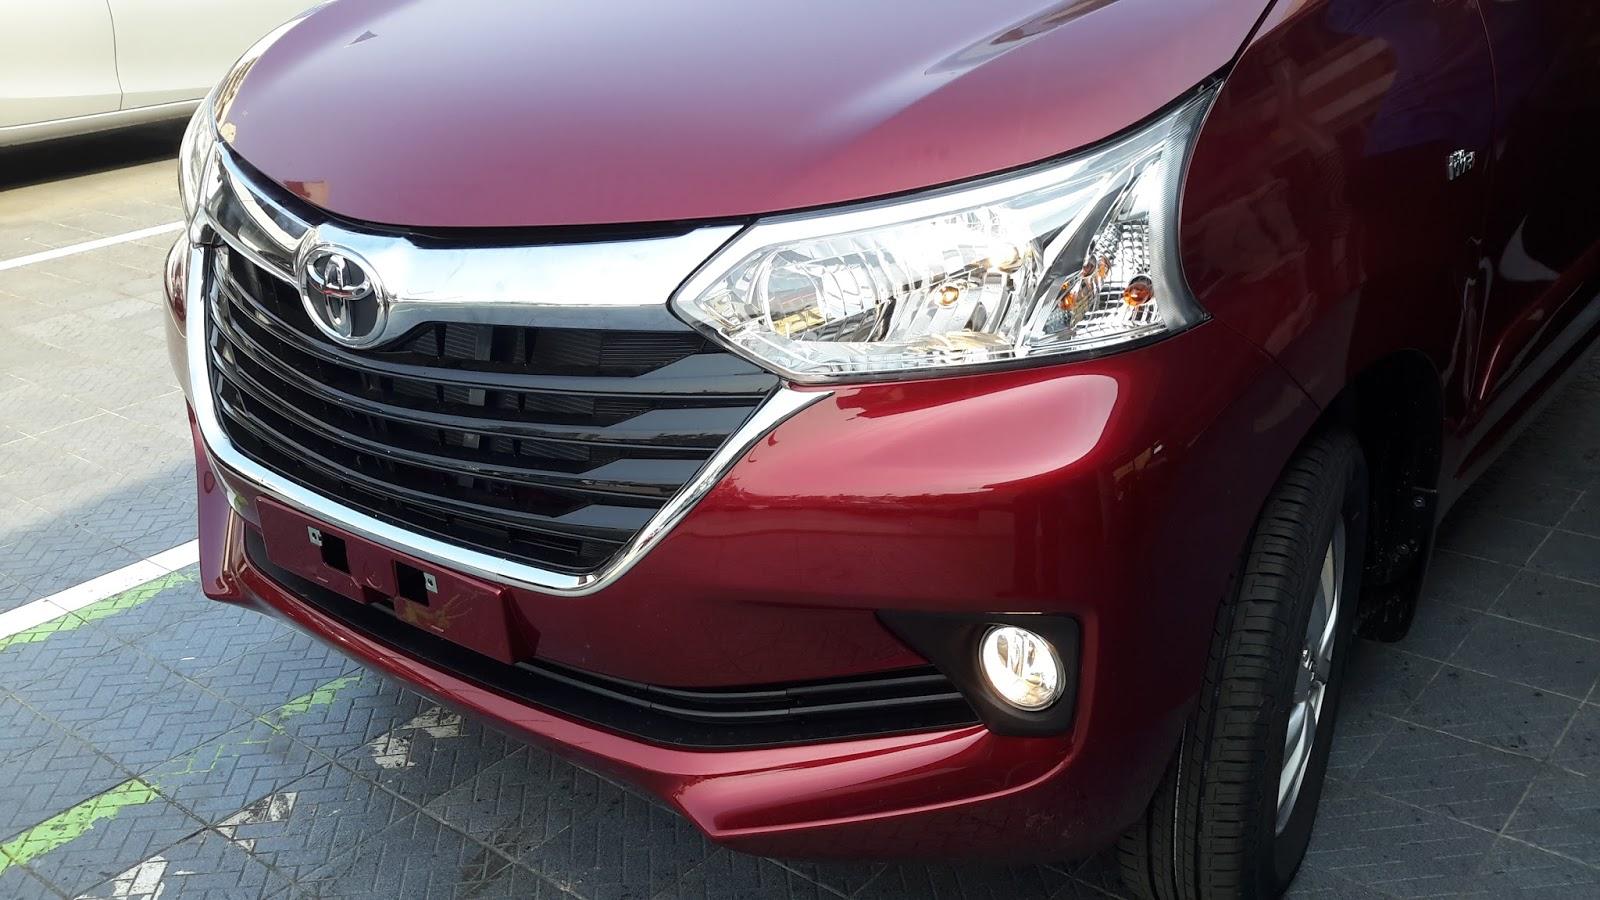 Foto Modifikasi Lampu Depan Mobil Avanza